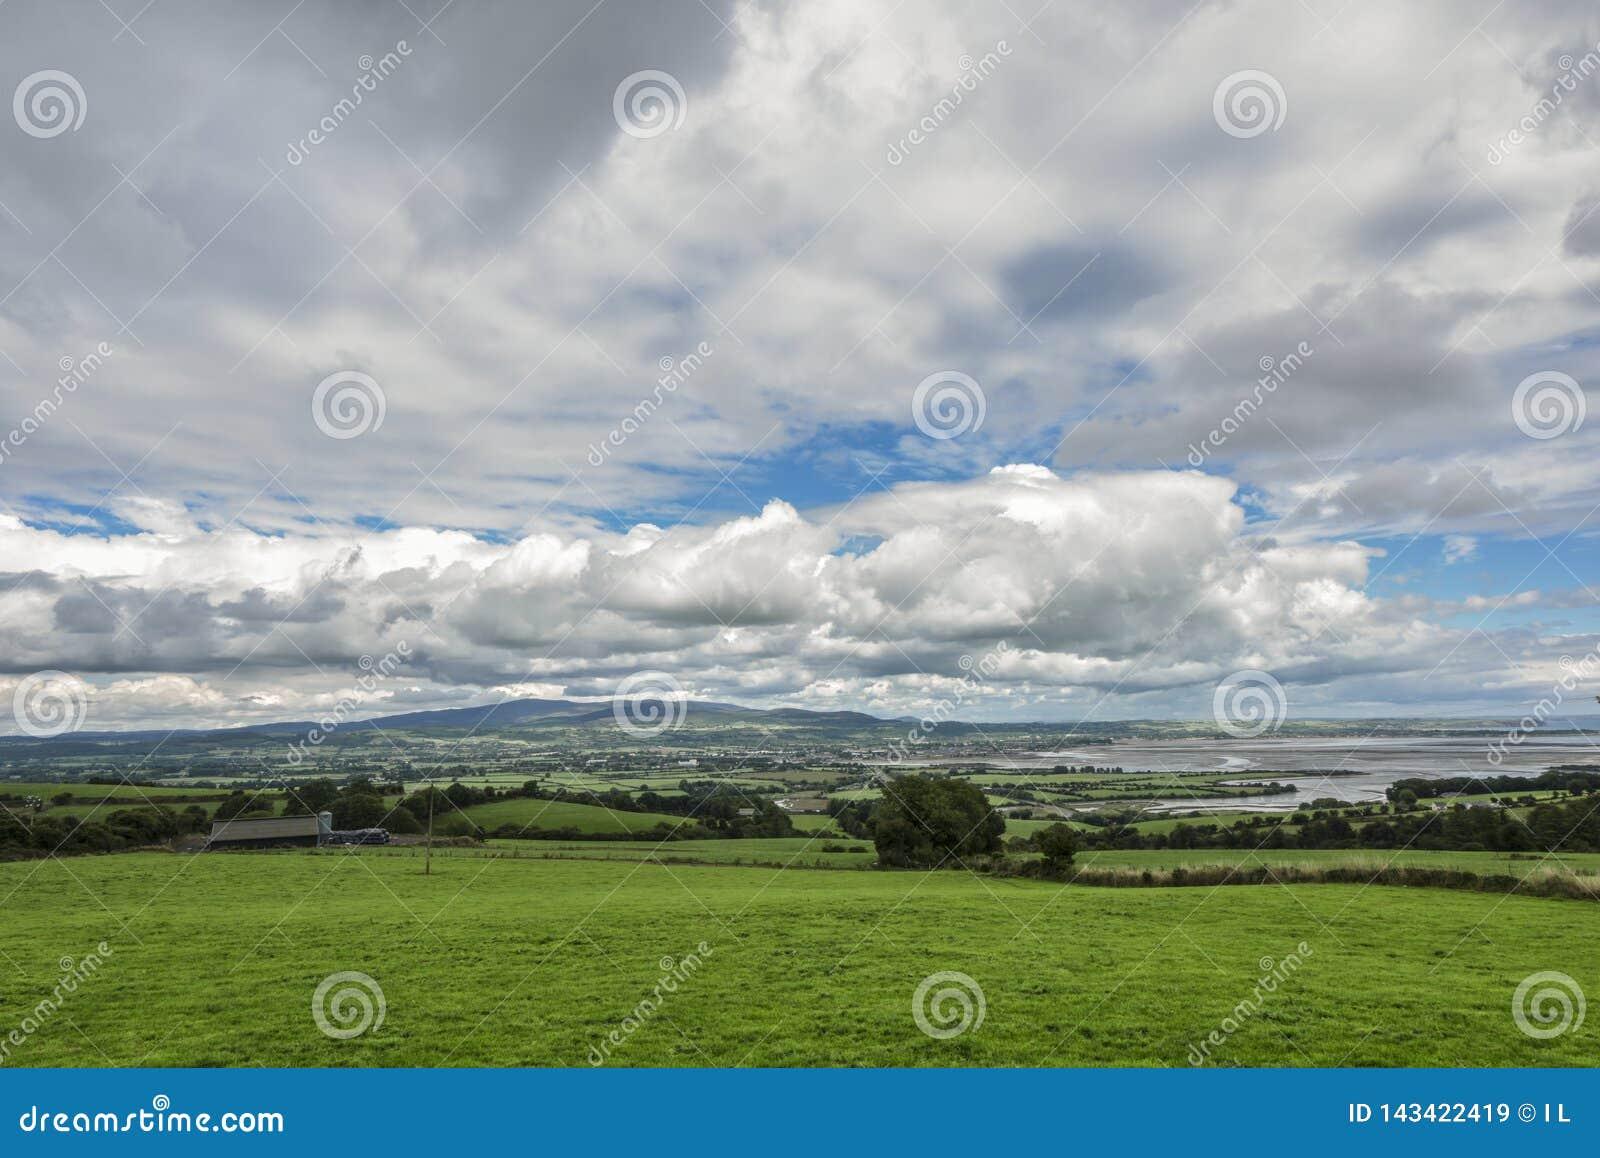 Paisagem irlandesa com o prado verde contra nuvens, Ardmore, Irlanda